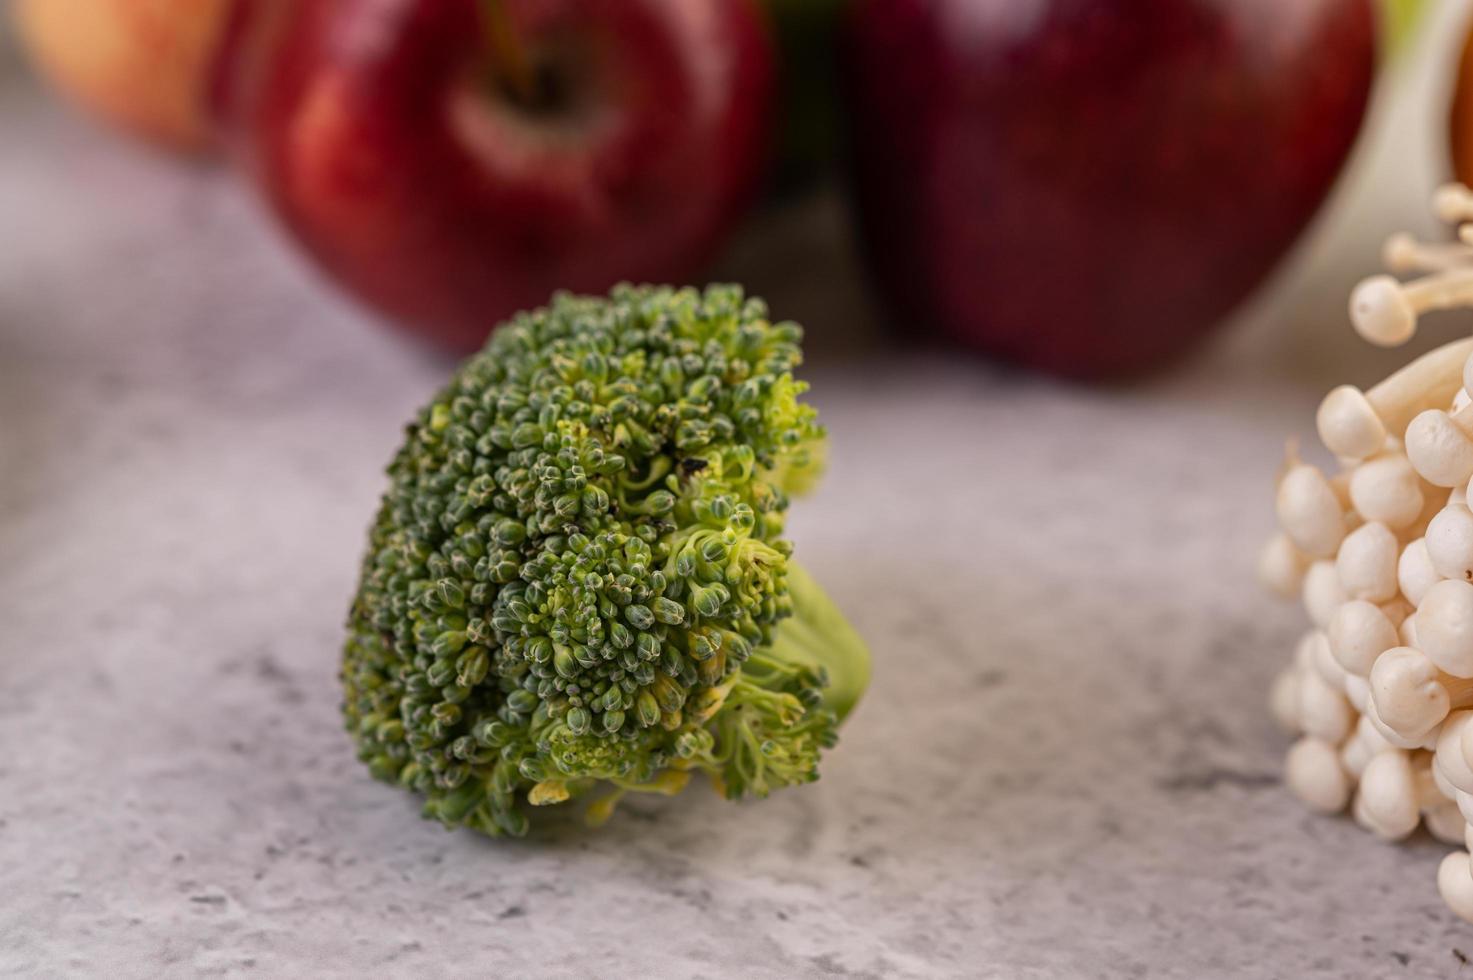 Florete de brócoli con enfoque selectivo foto